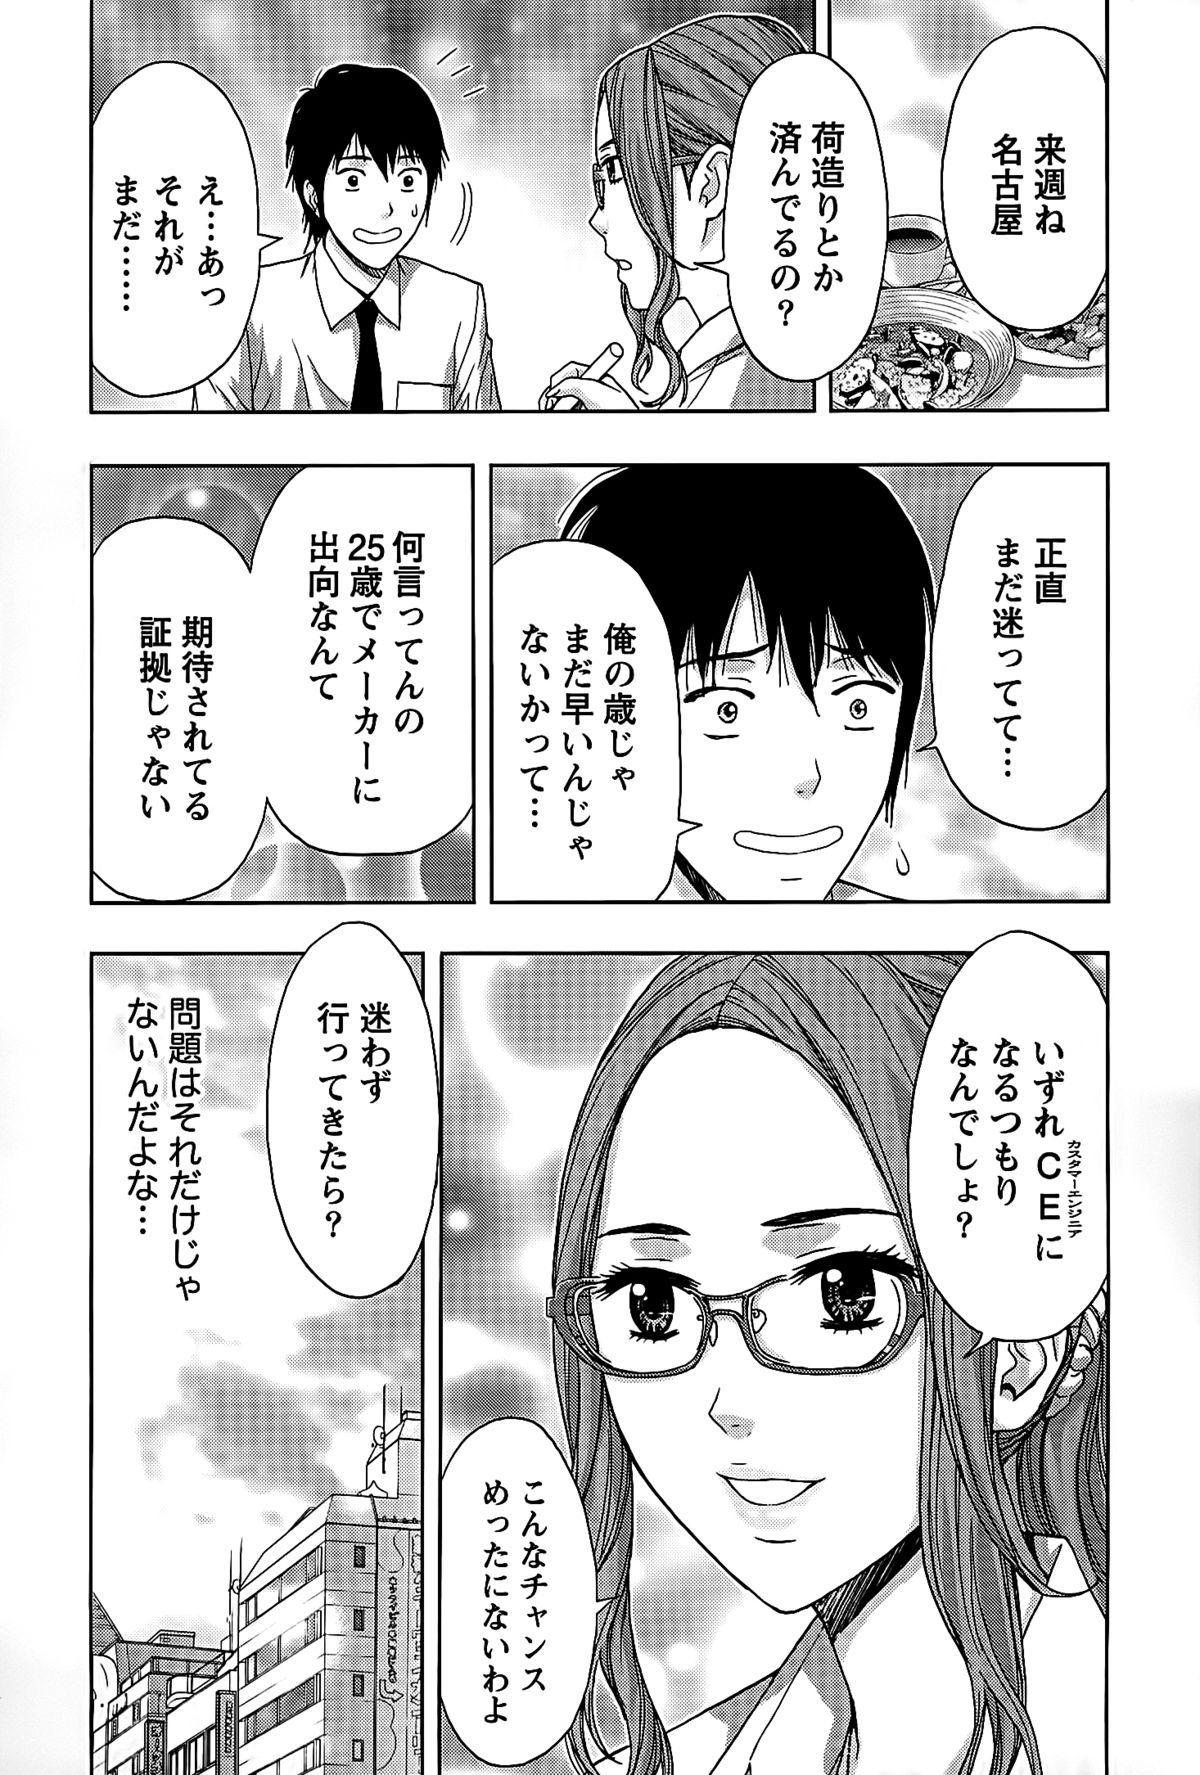 Shittori Lady to Amai Mitsu 26